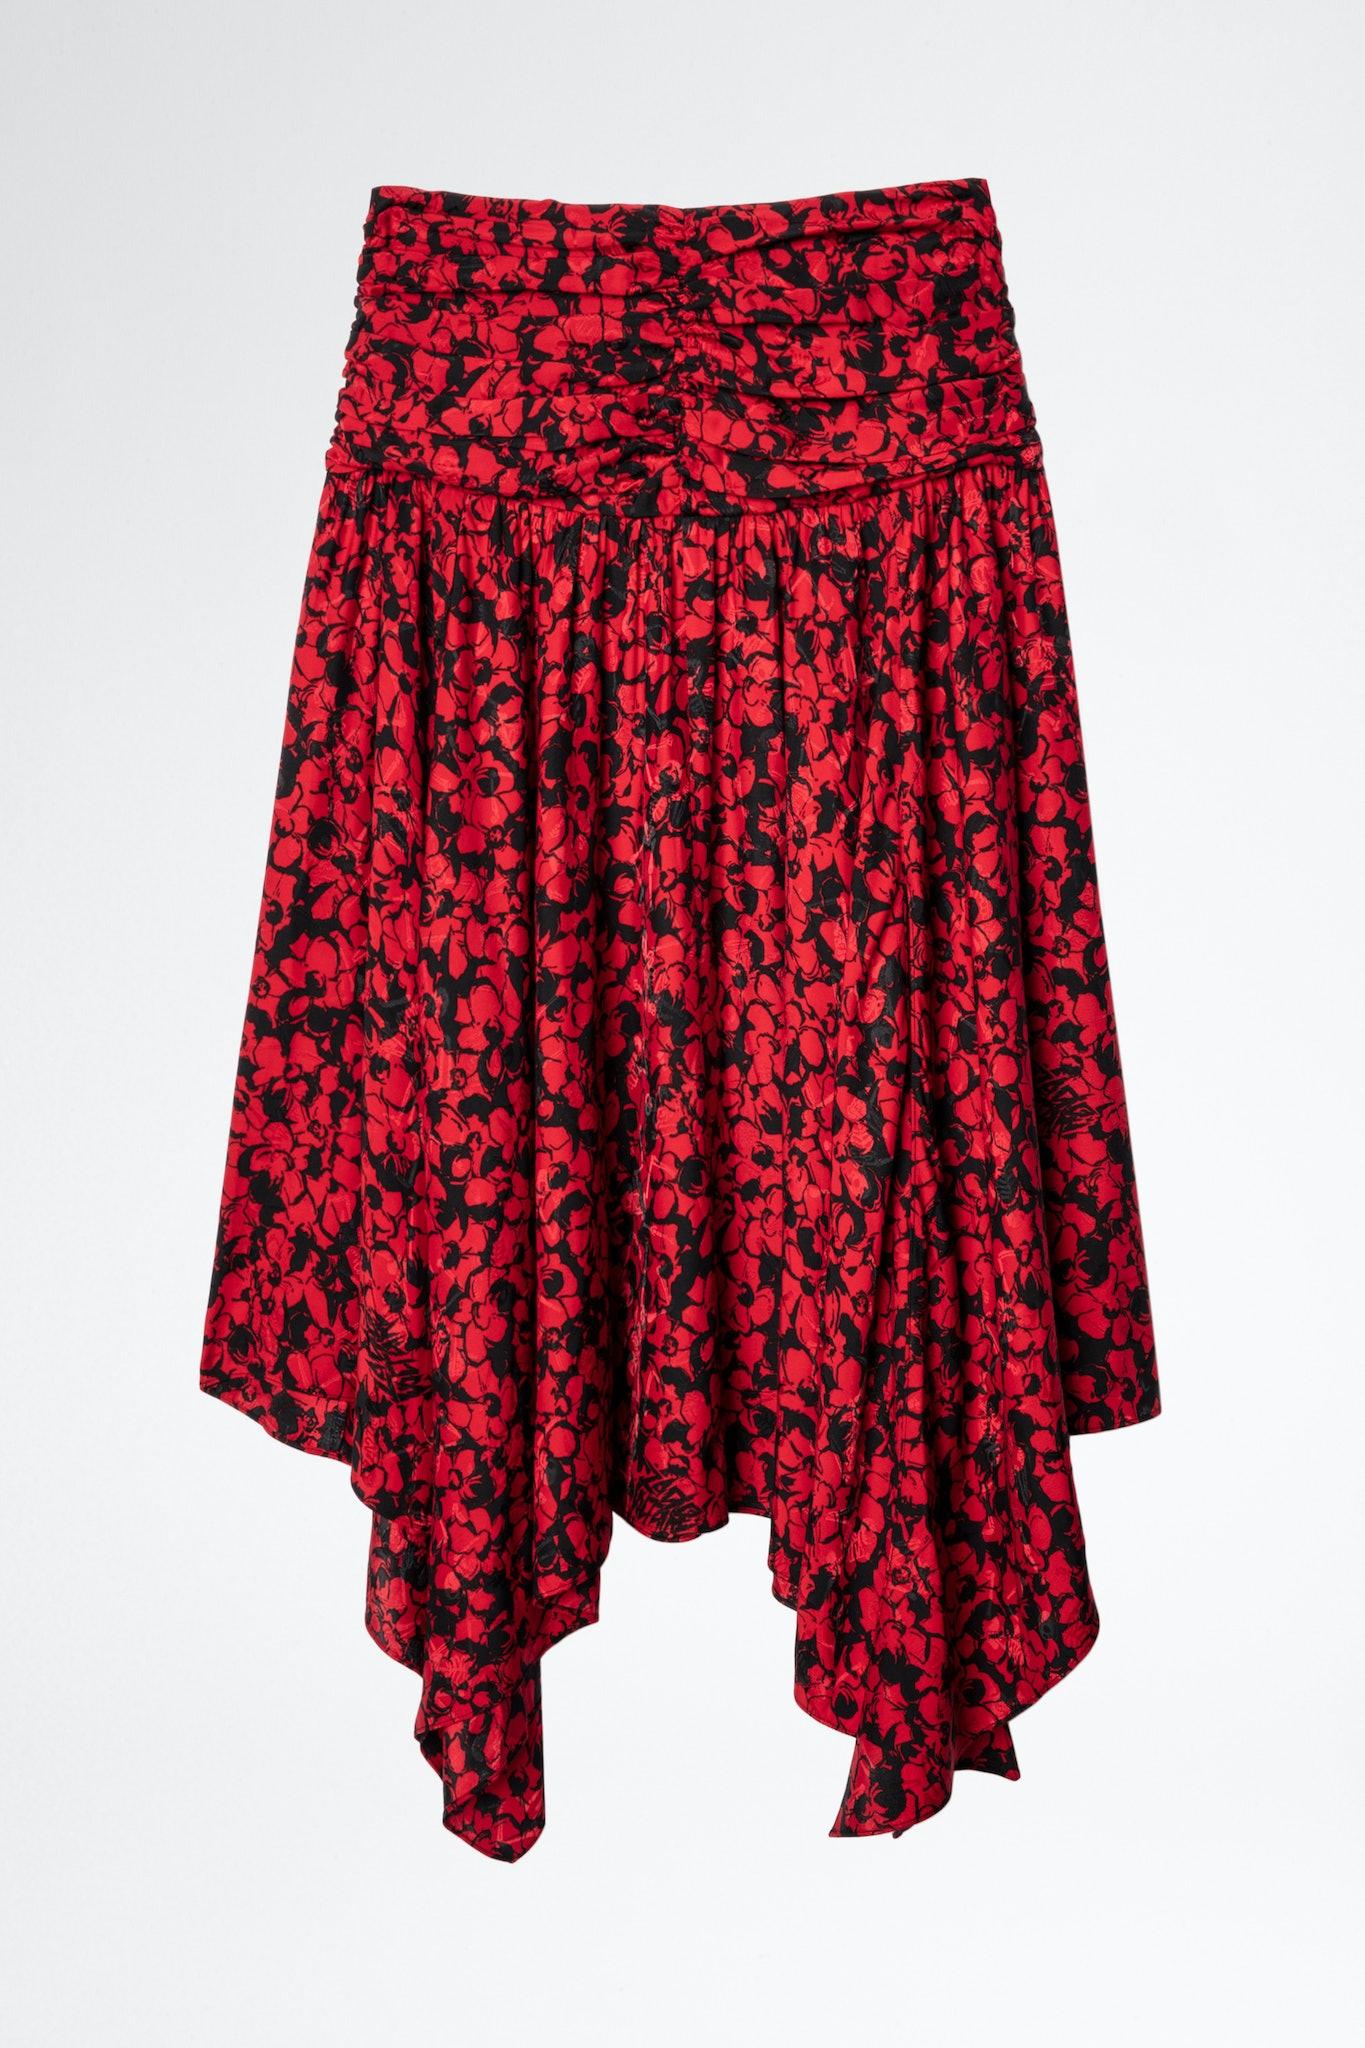 Jafar Skirt